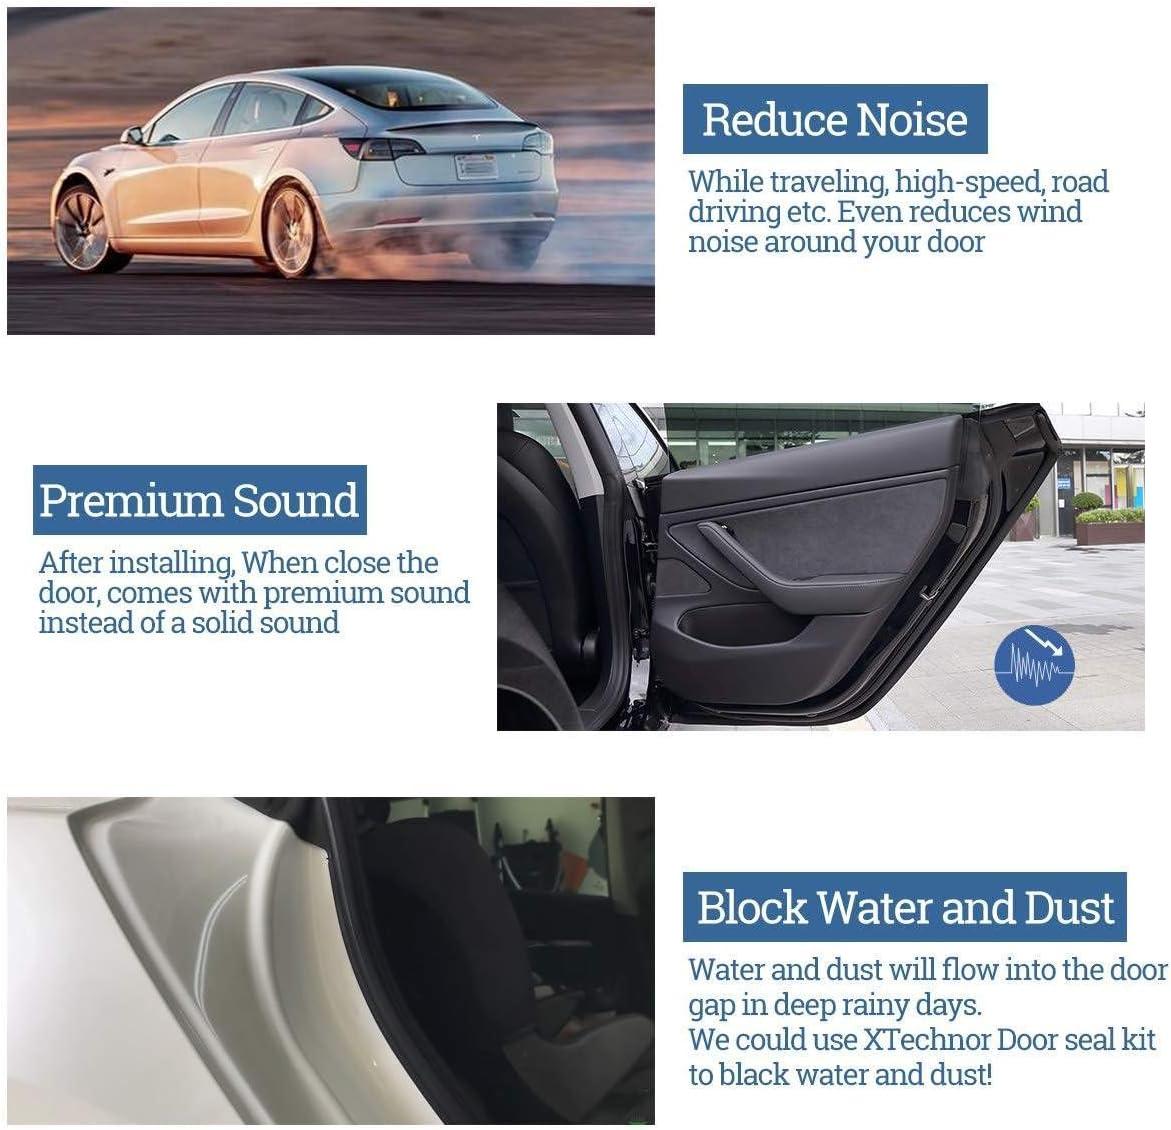 Model S Model X,Model-S Kit de joint de porte Kit de joint de projet de joint de r/éduction du bruit du vent pour caoutchouc anti-poussi/ère insonoris/é en caoutchouc antipoussi/ère pour Tesla Model 3